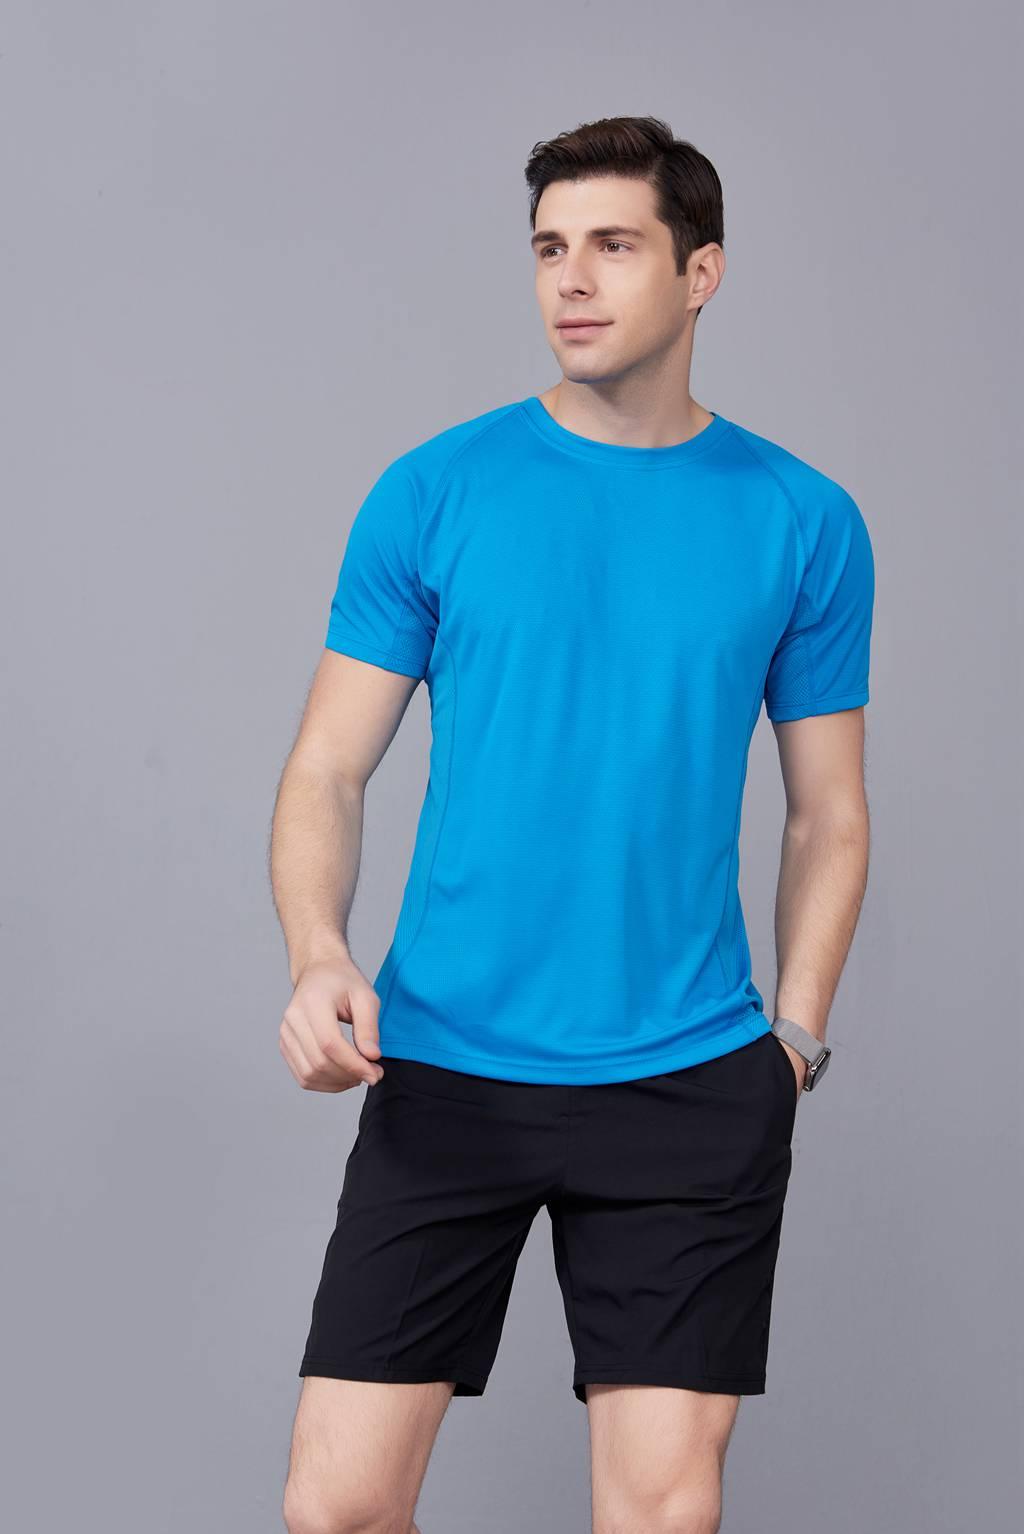 潮流T恤    2020新款短袖运动舒适速干衣 湖蓝色